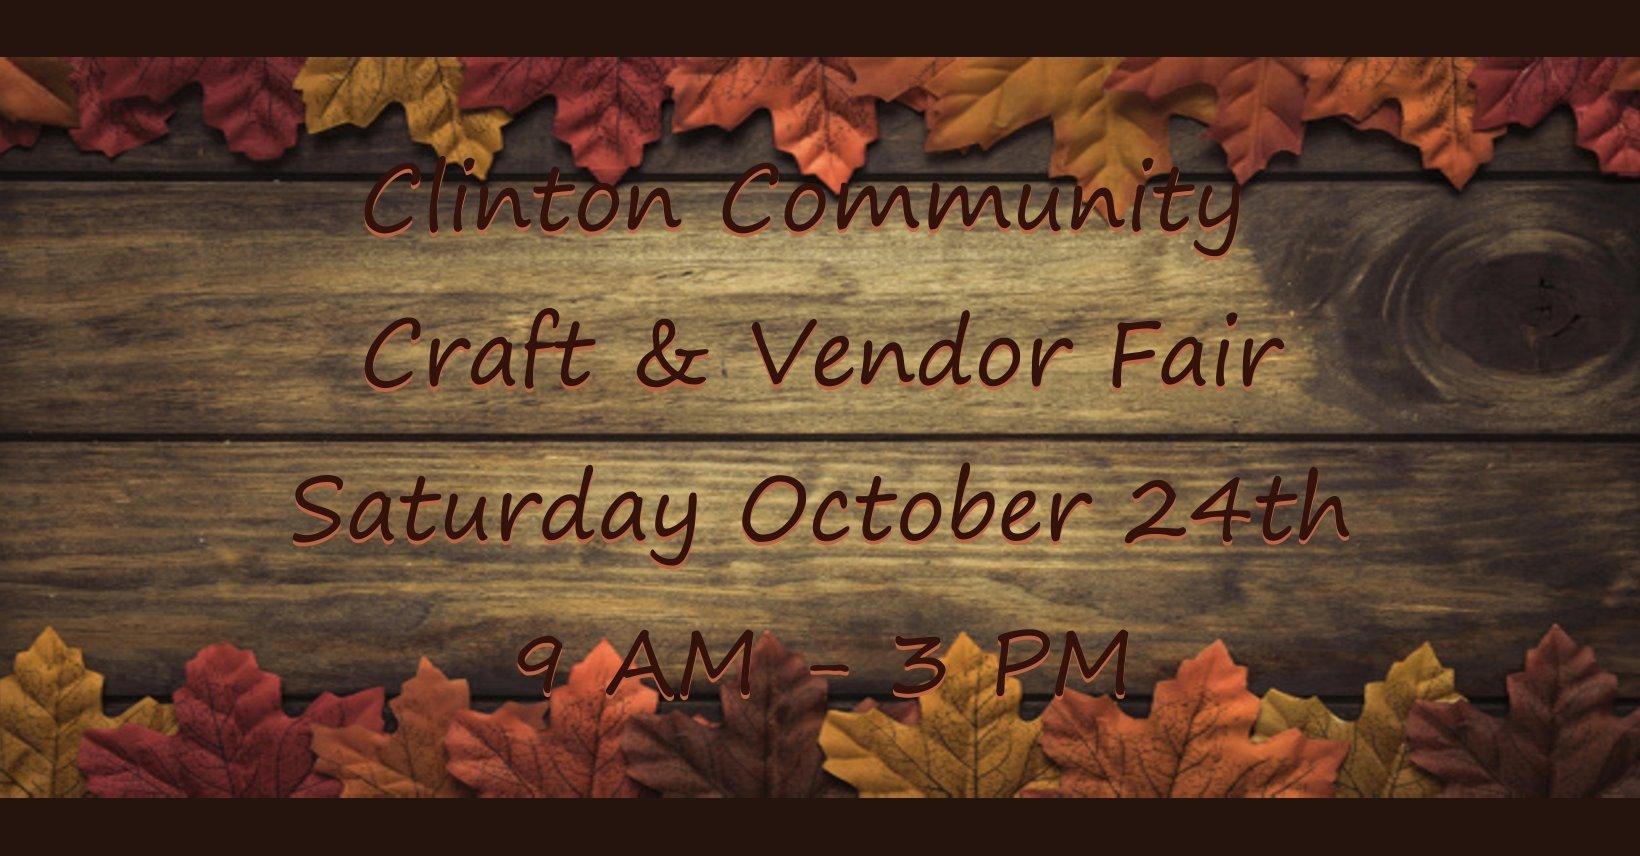 Clinton Community Craft & Vendor Fair